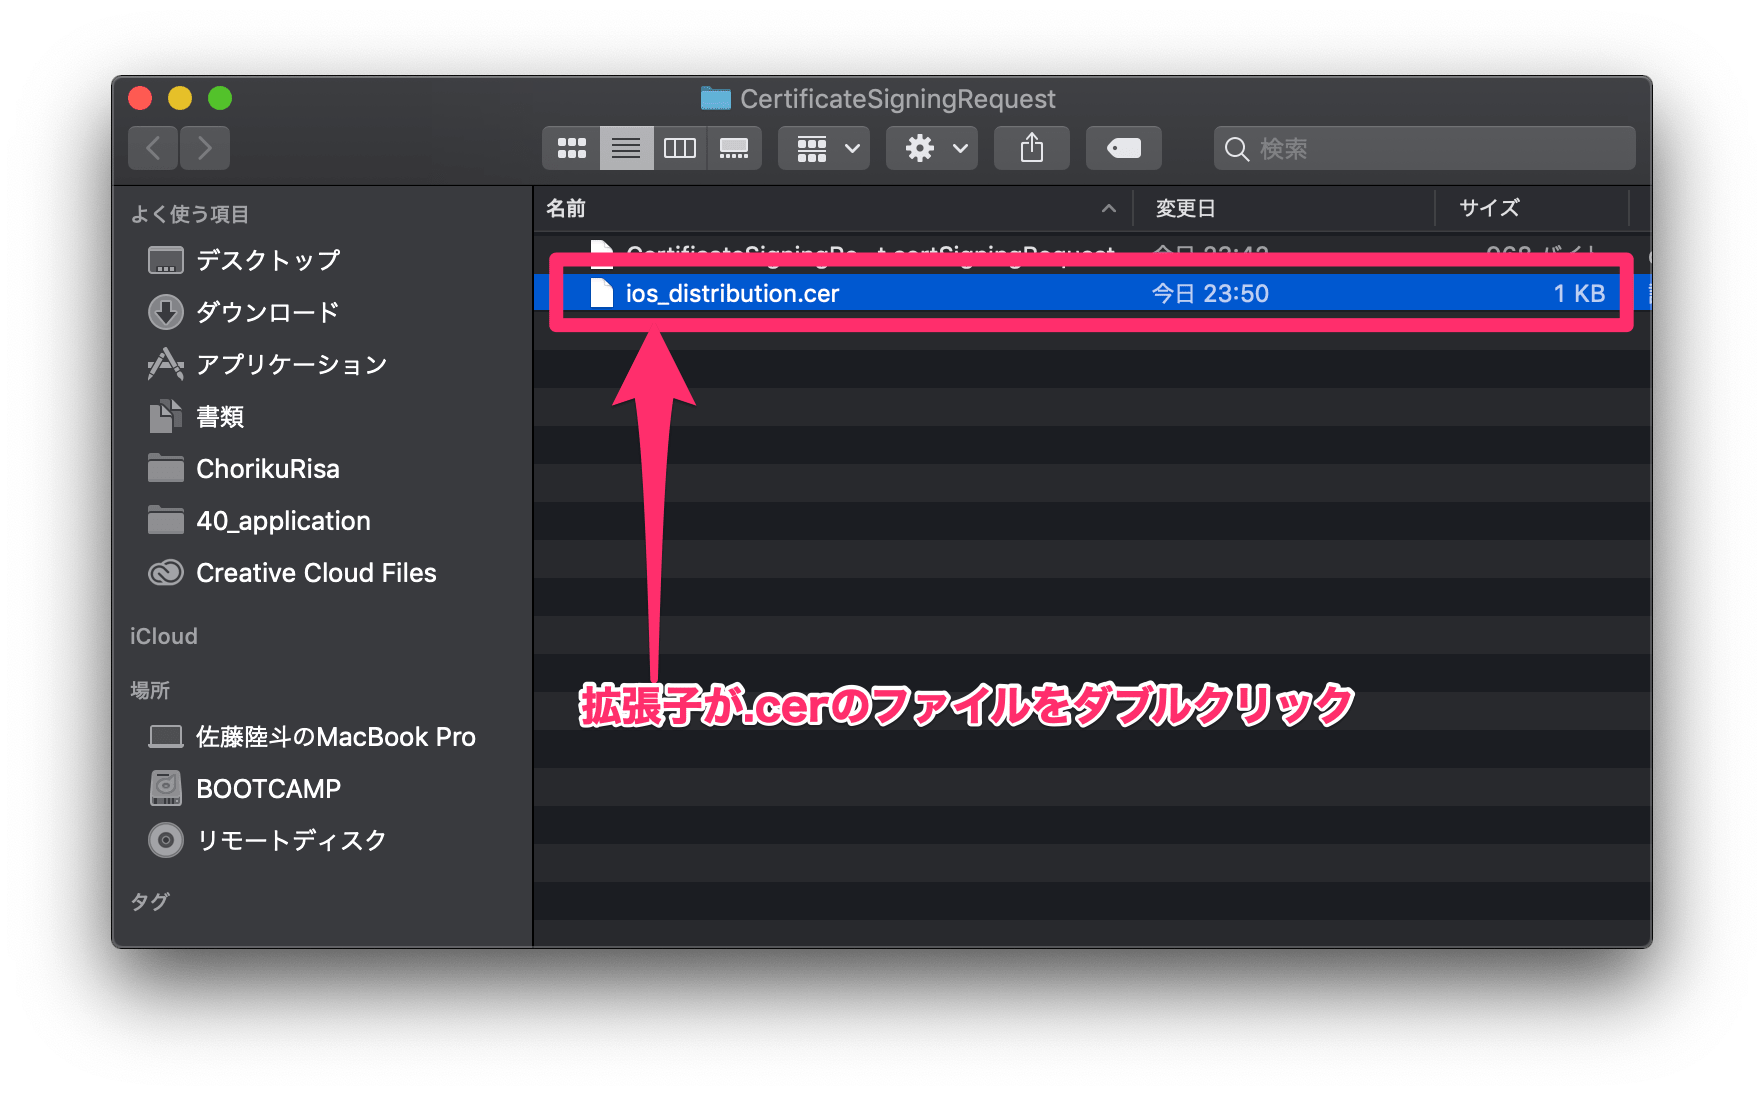 iOS_distribution.cerをクリックの画像